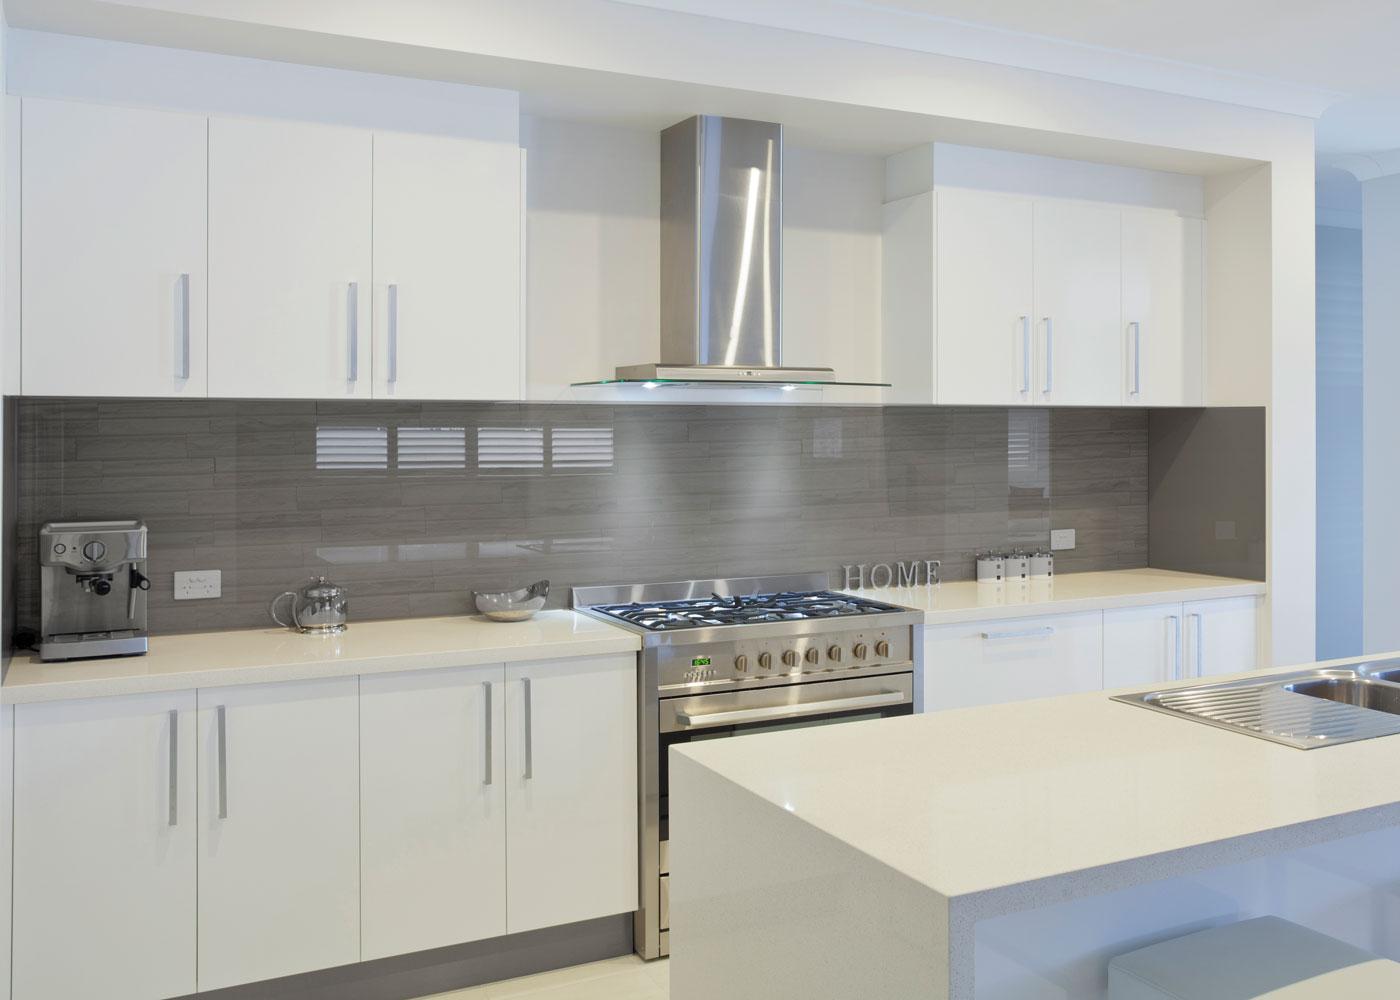 Küche Schutzwand anwendungsgebiete austria glas